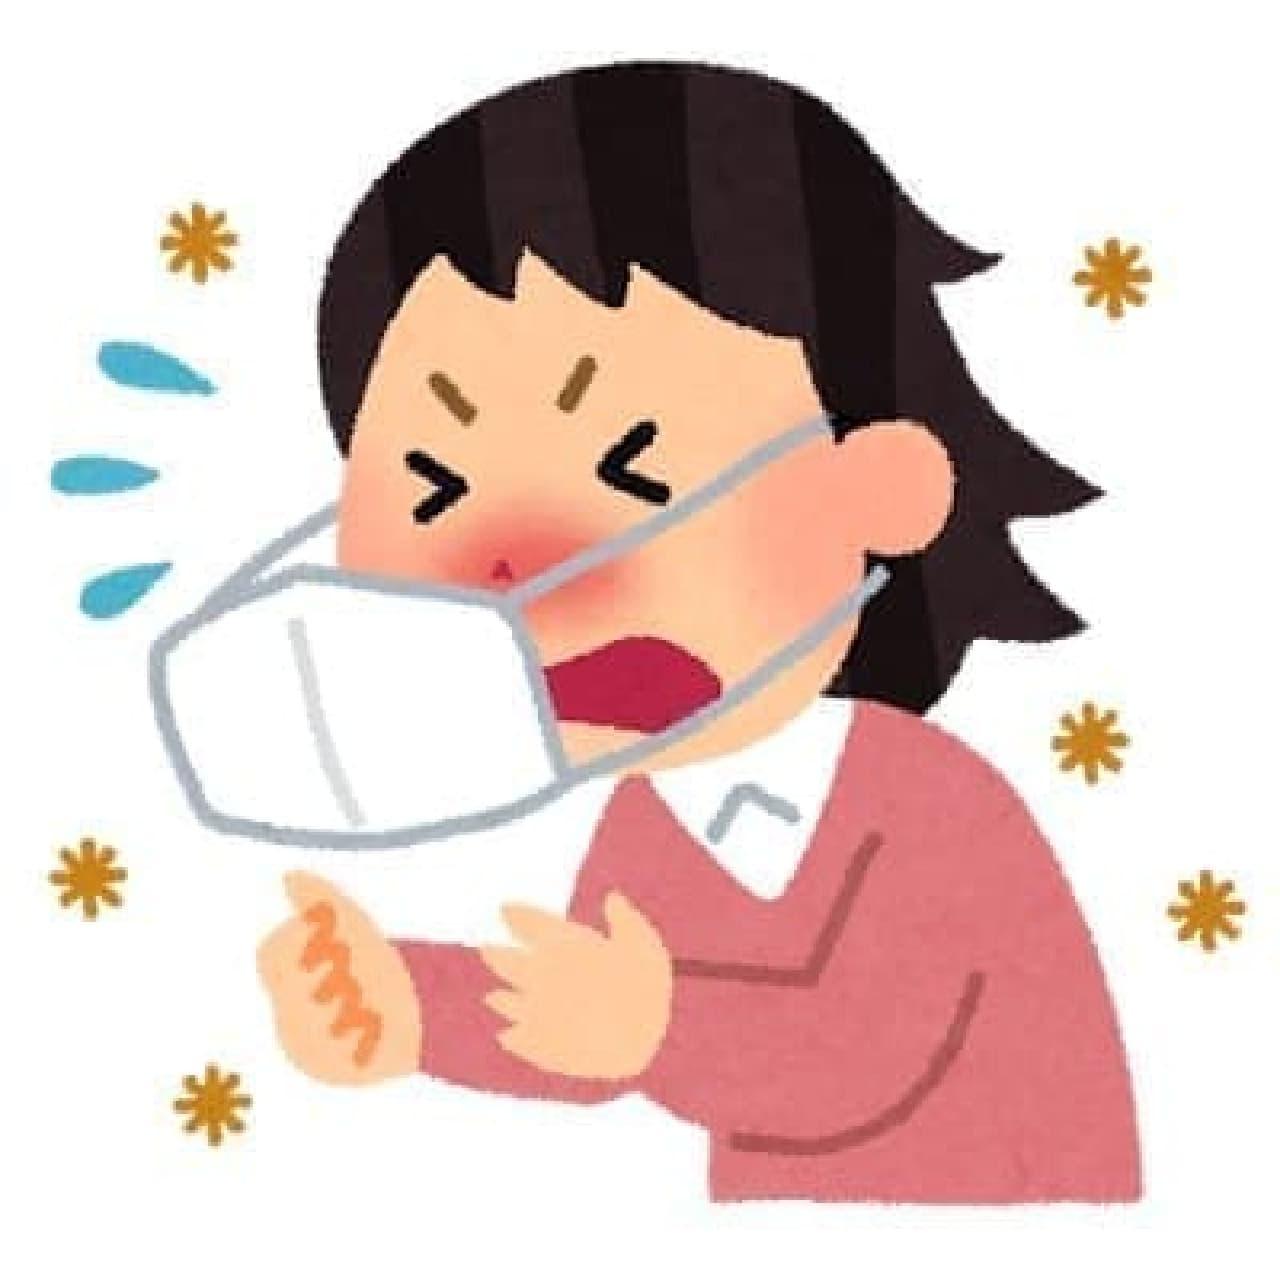 くしゃみをする人のイラスト